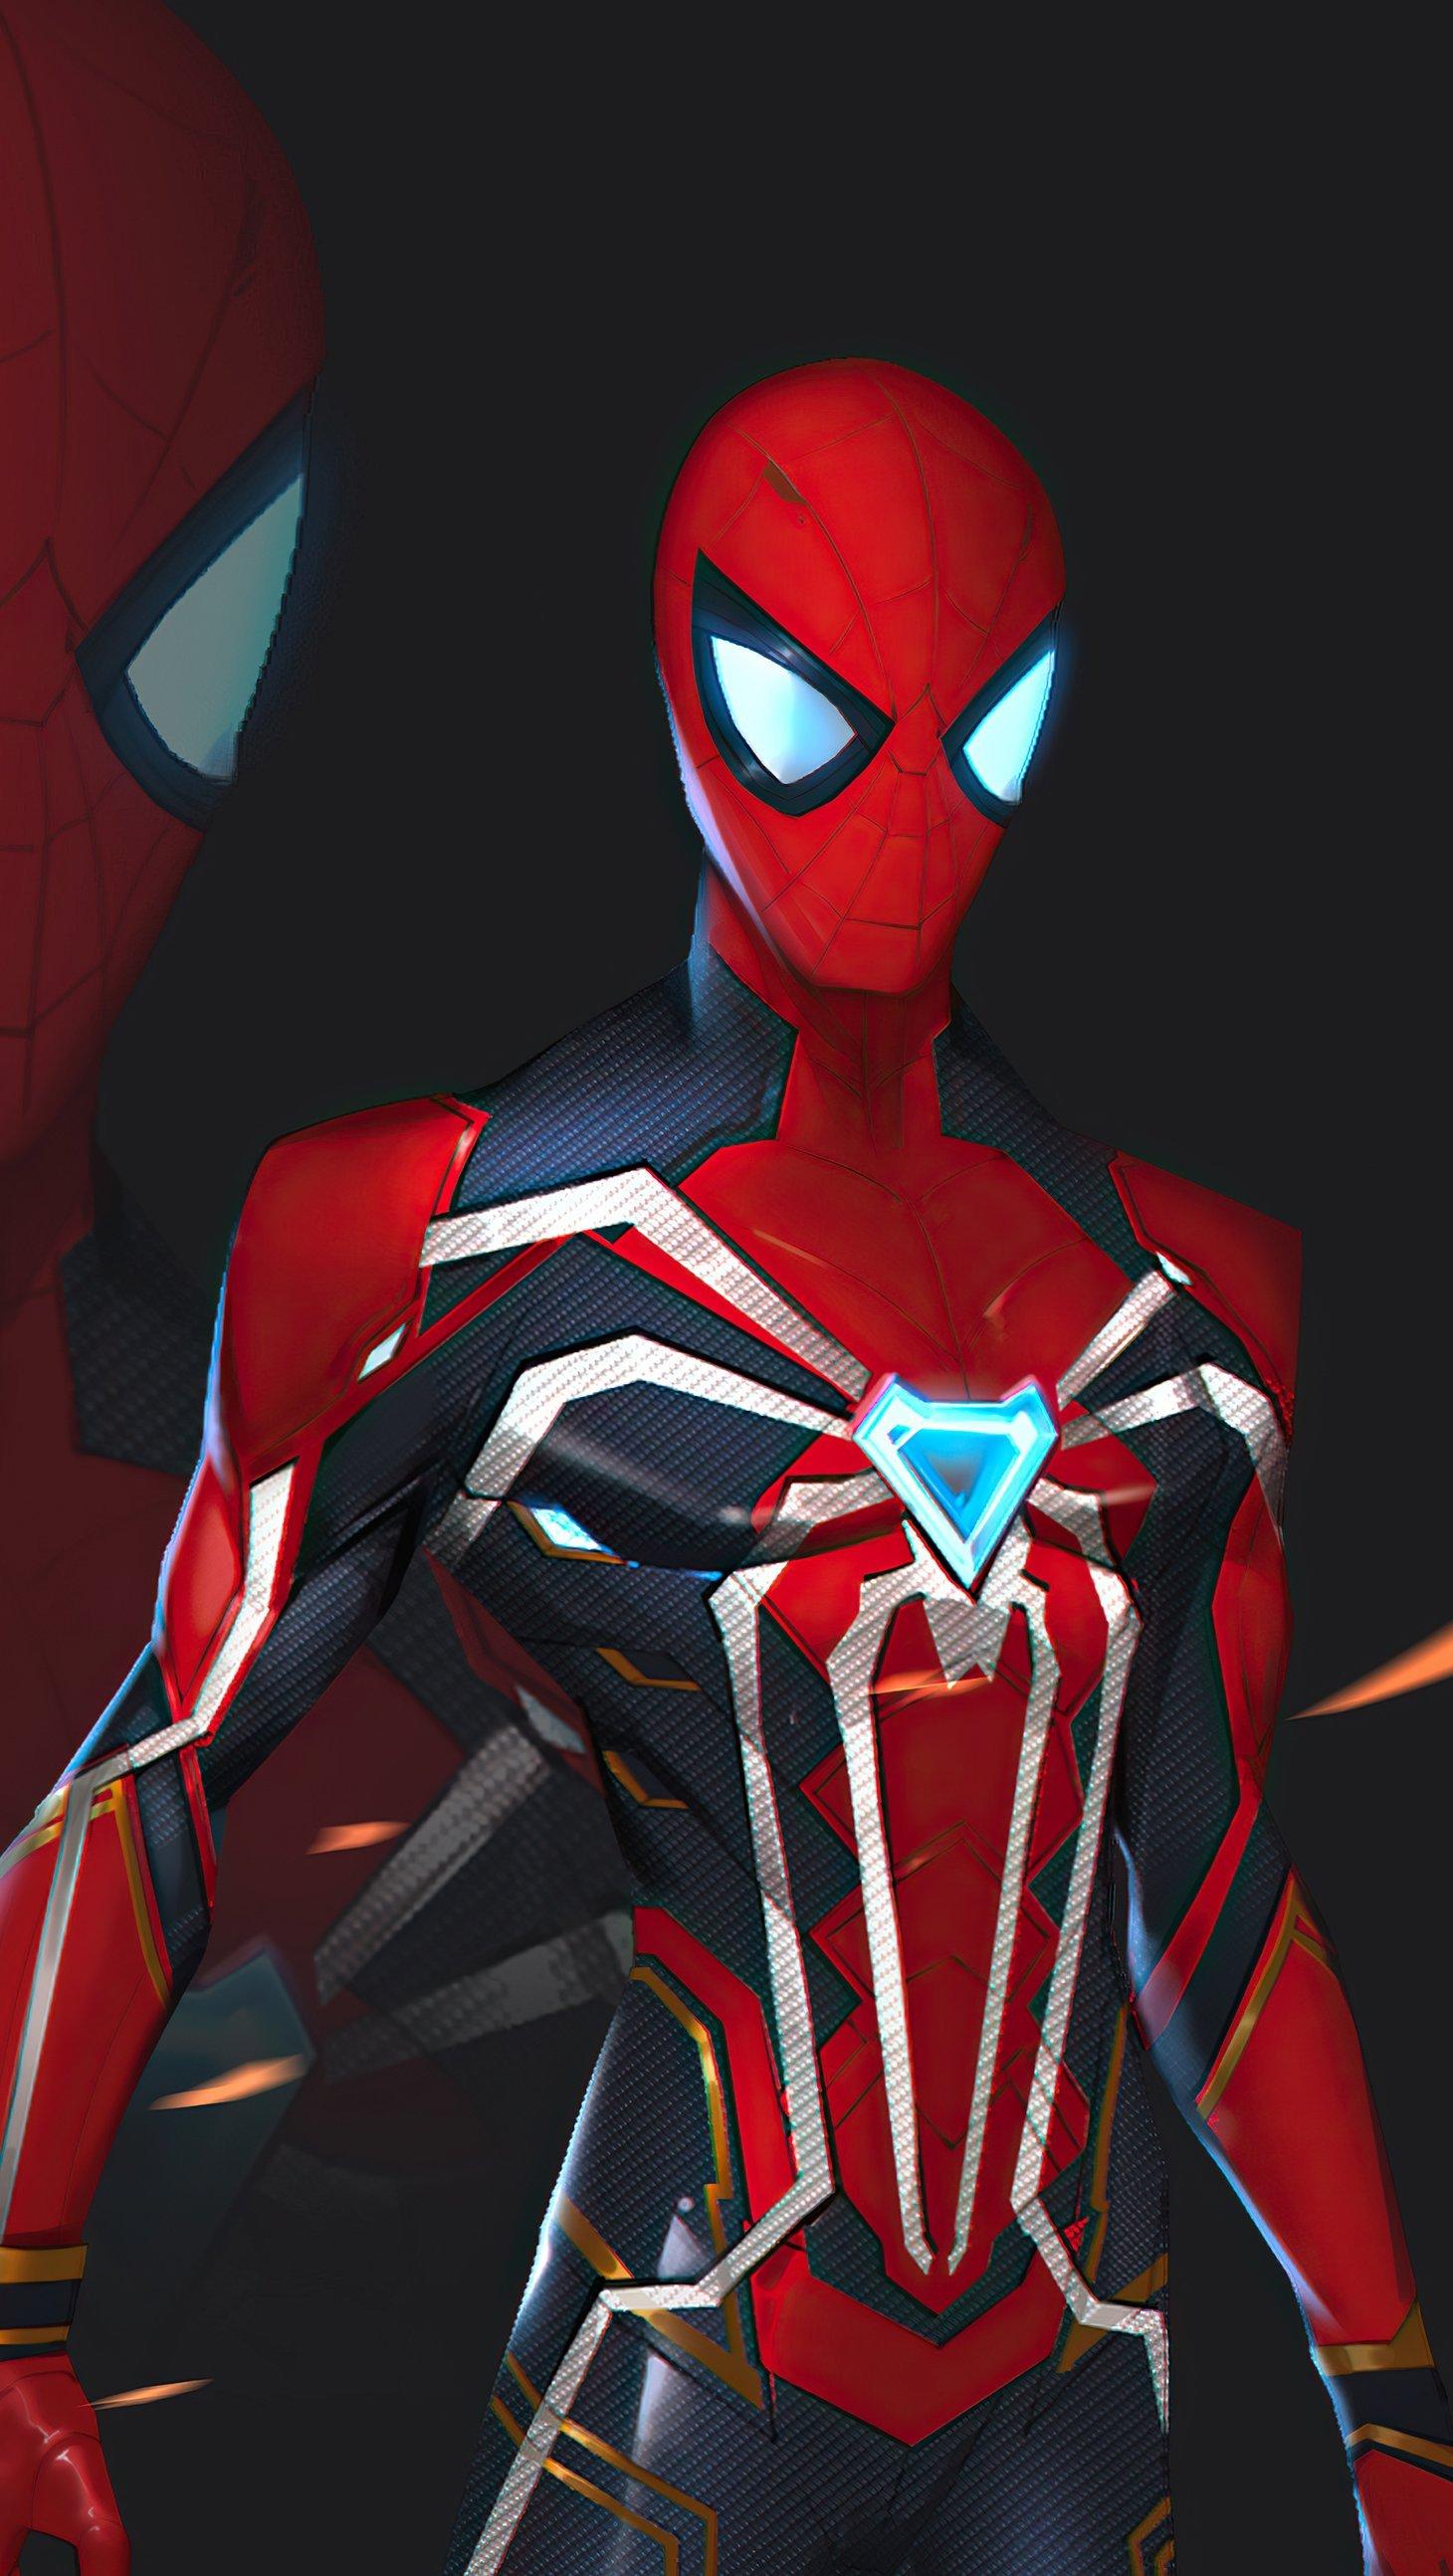 Fondos de pantalla El hombre araña nuevo traje 2021 Vertical